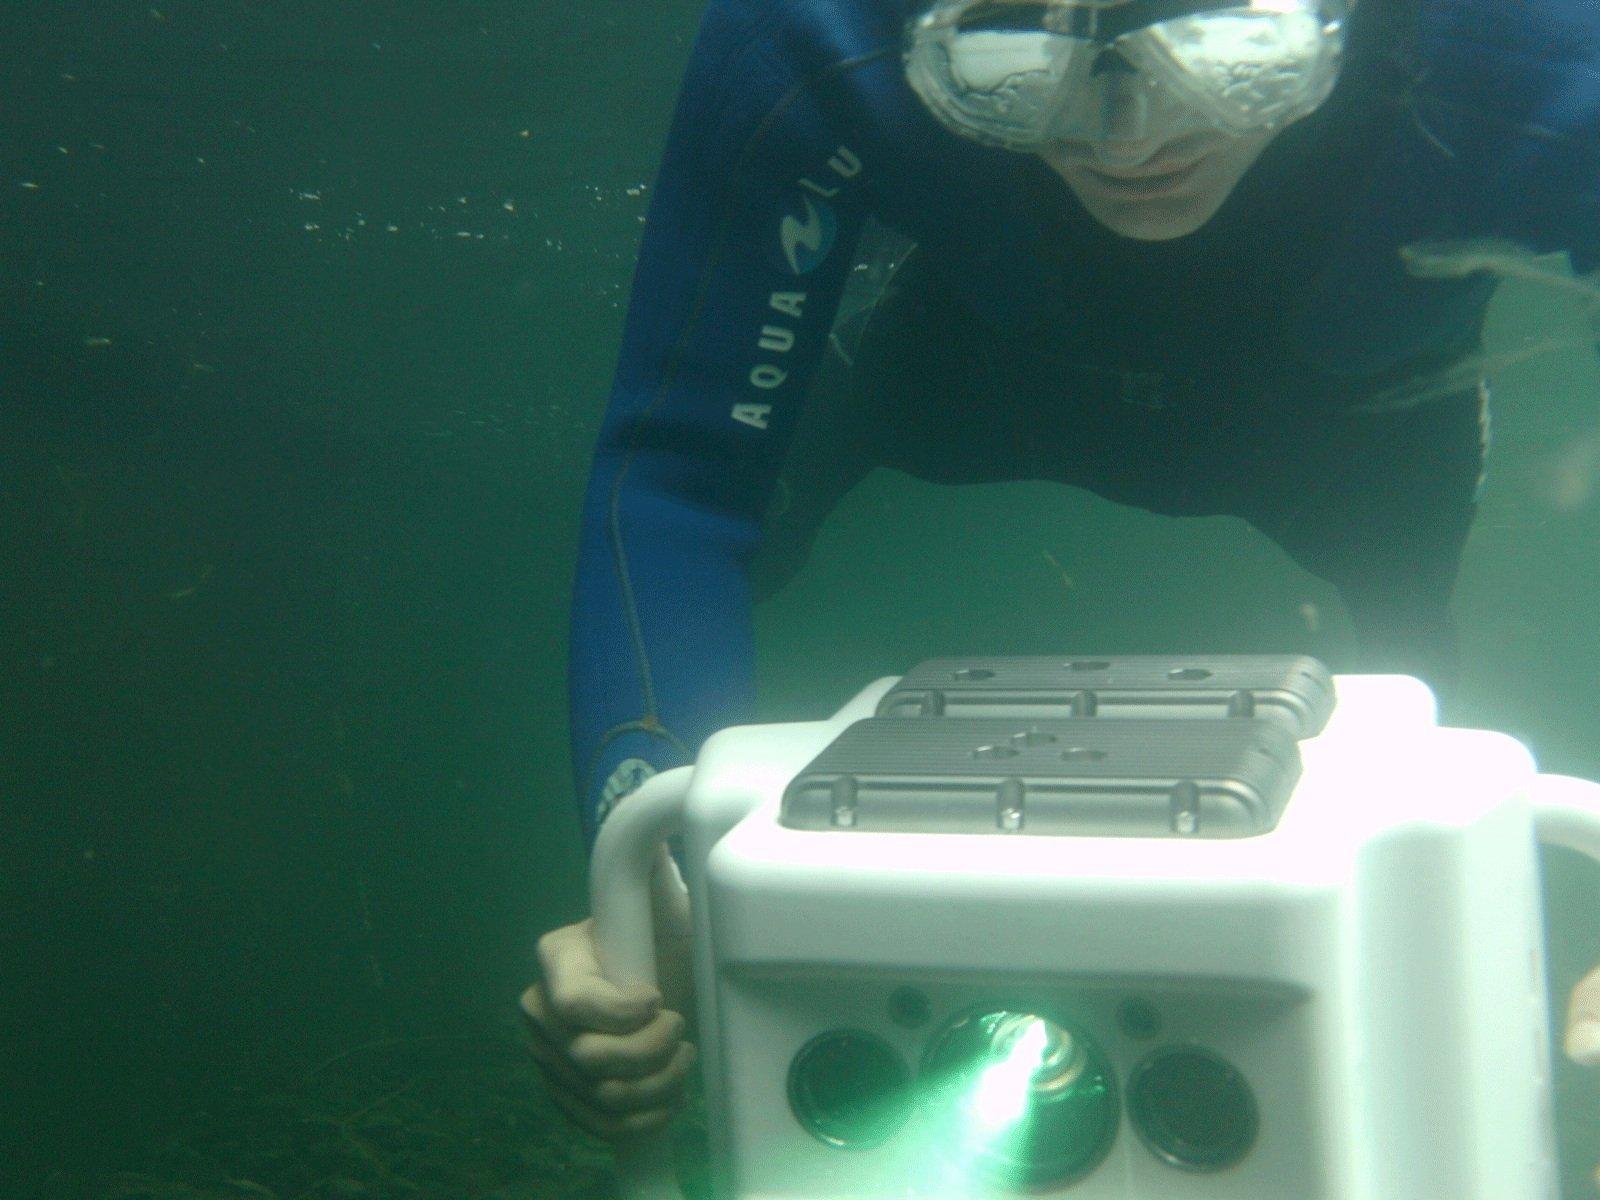 Das 3D-Messsystem, das Wissenschaftler des Fraunhofer IOF mitentwickelt haben, erinnert an eine Unterwasserkamera. Taucher können es mit einfachem Tastendrücken bedienen und Bauteile vermessen.